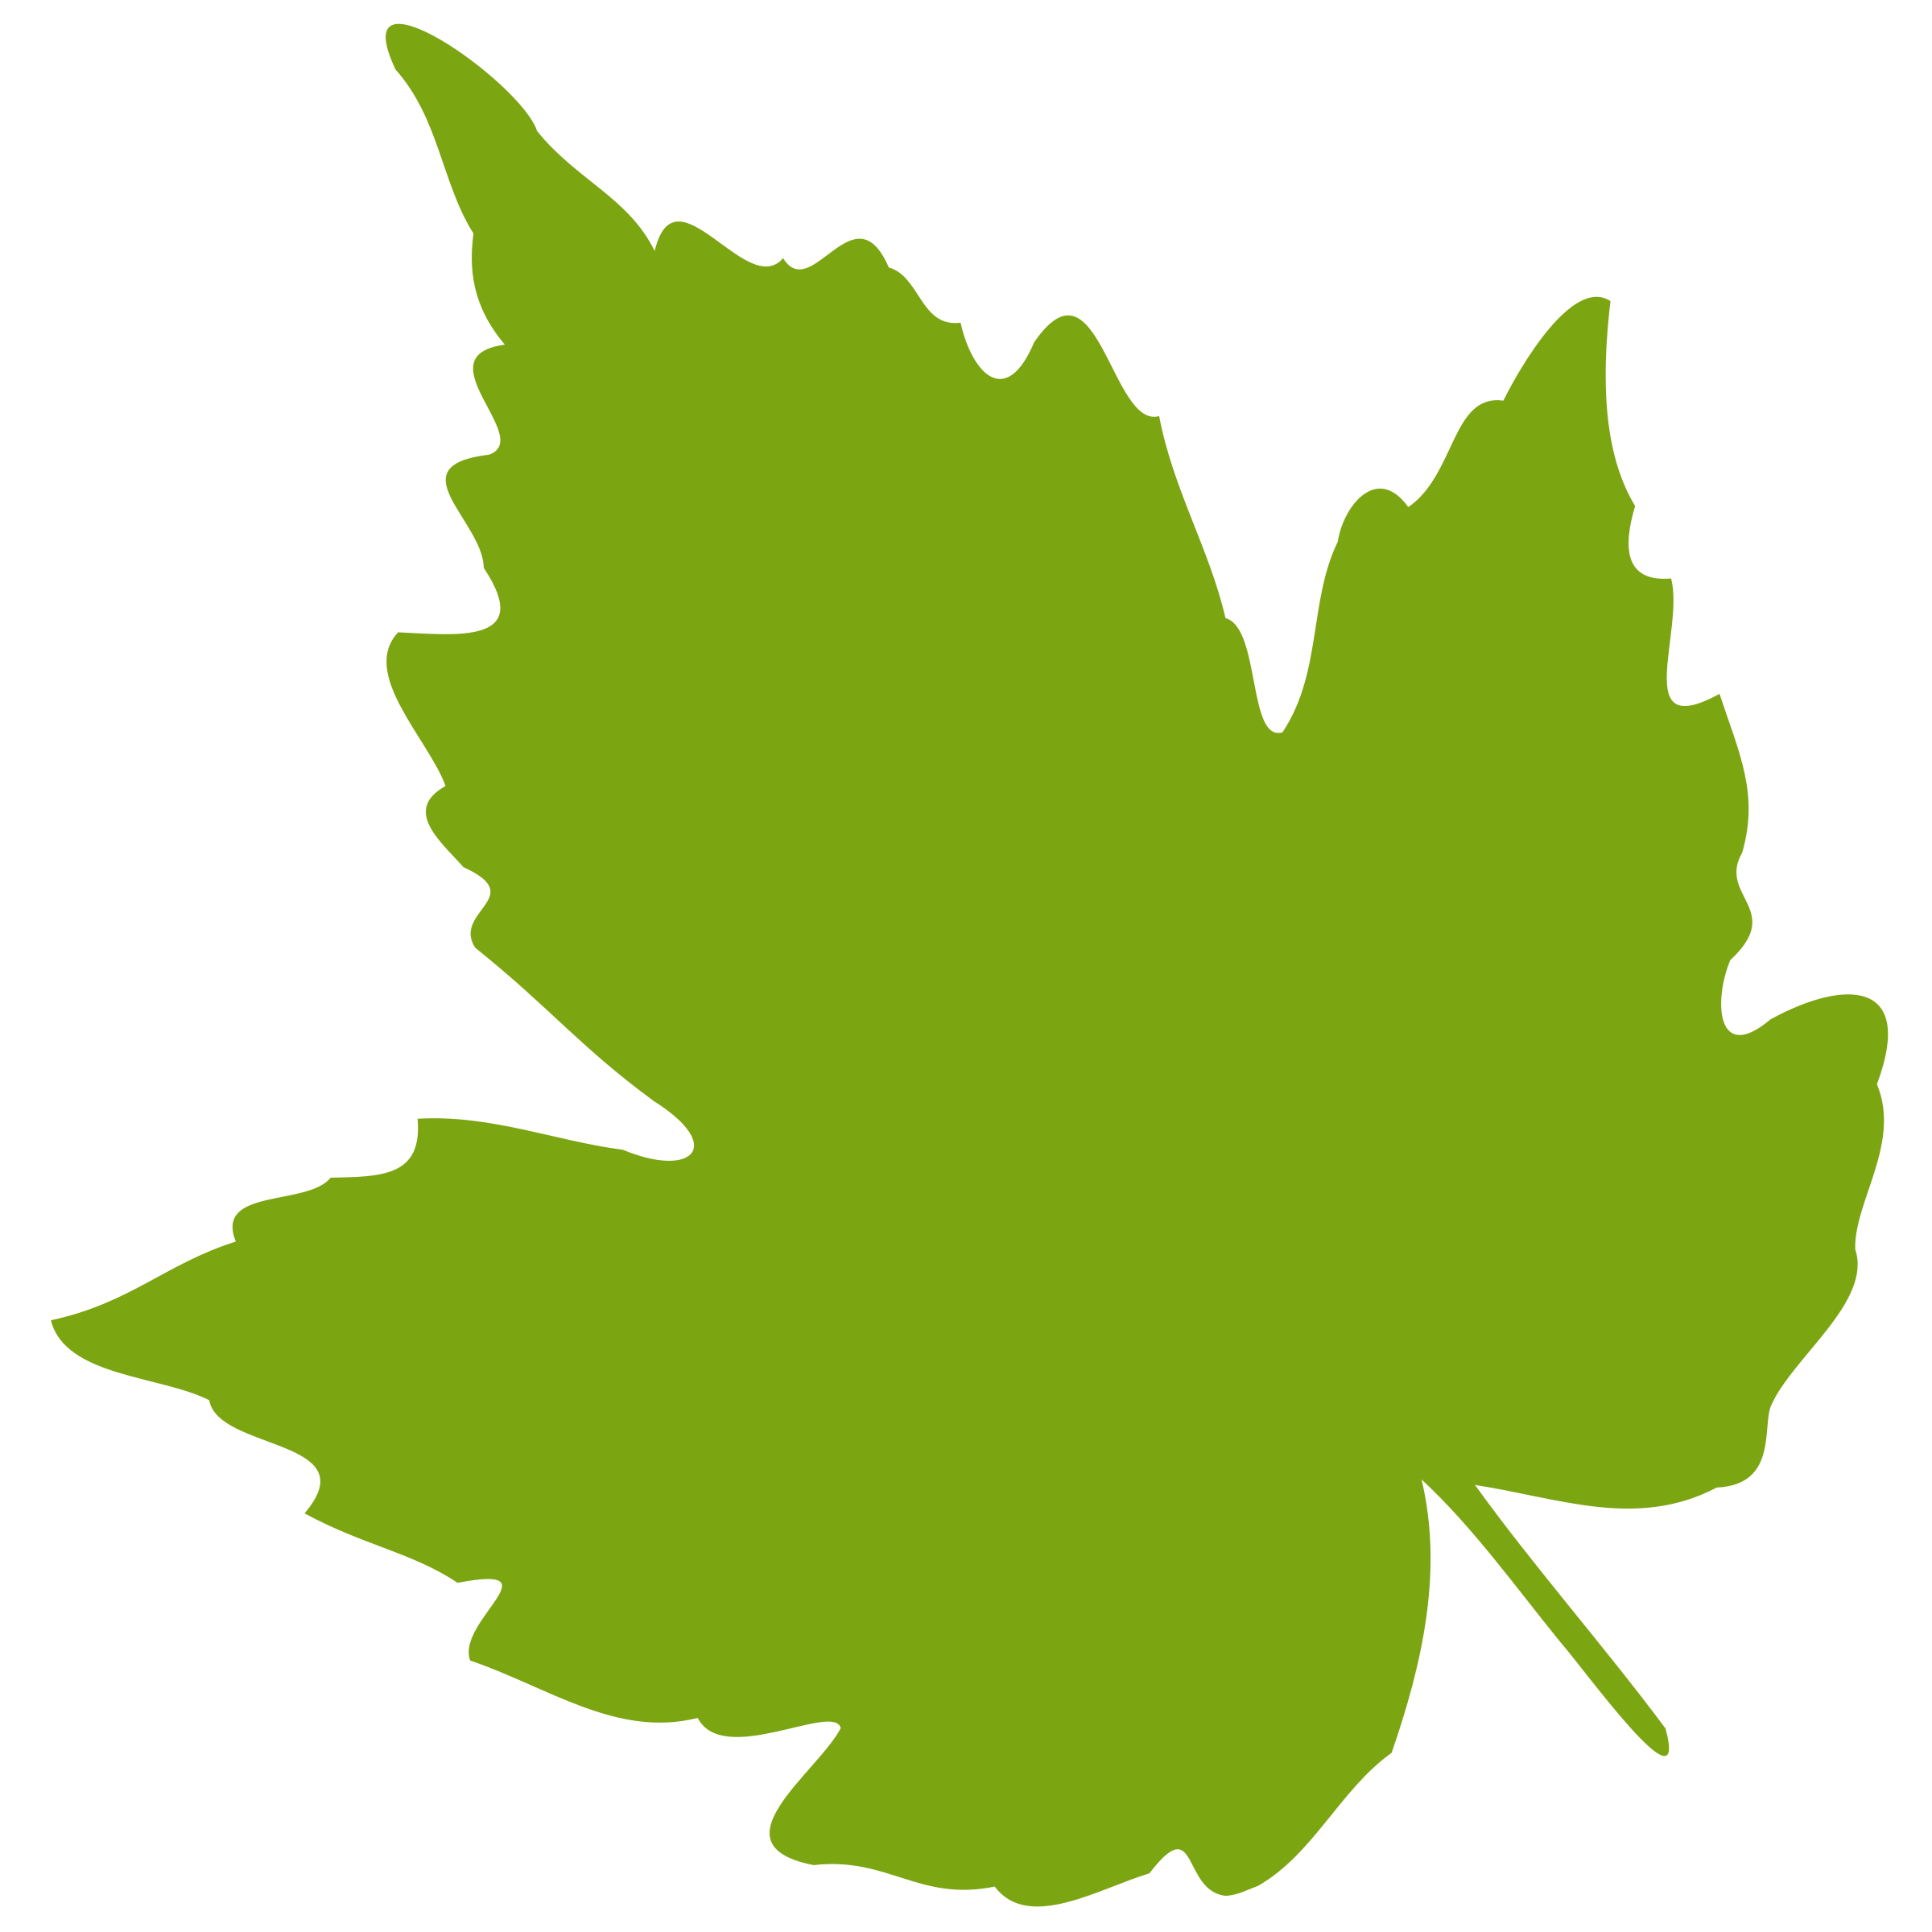 2400x2400 Leaf Clipart Ivy Leaf